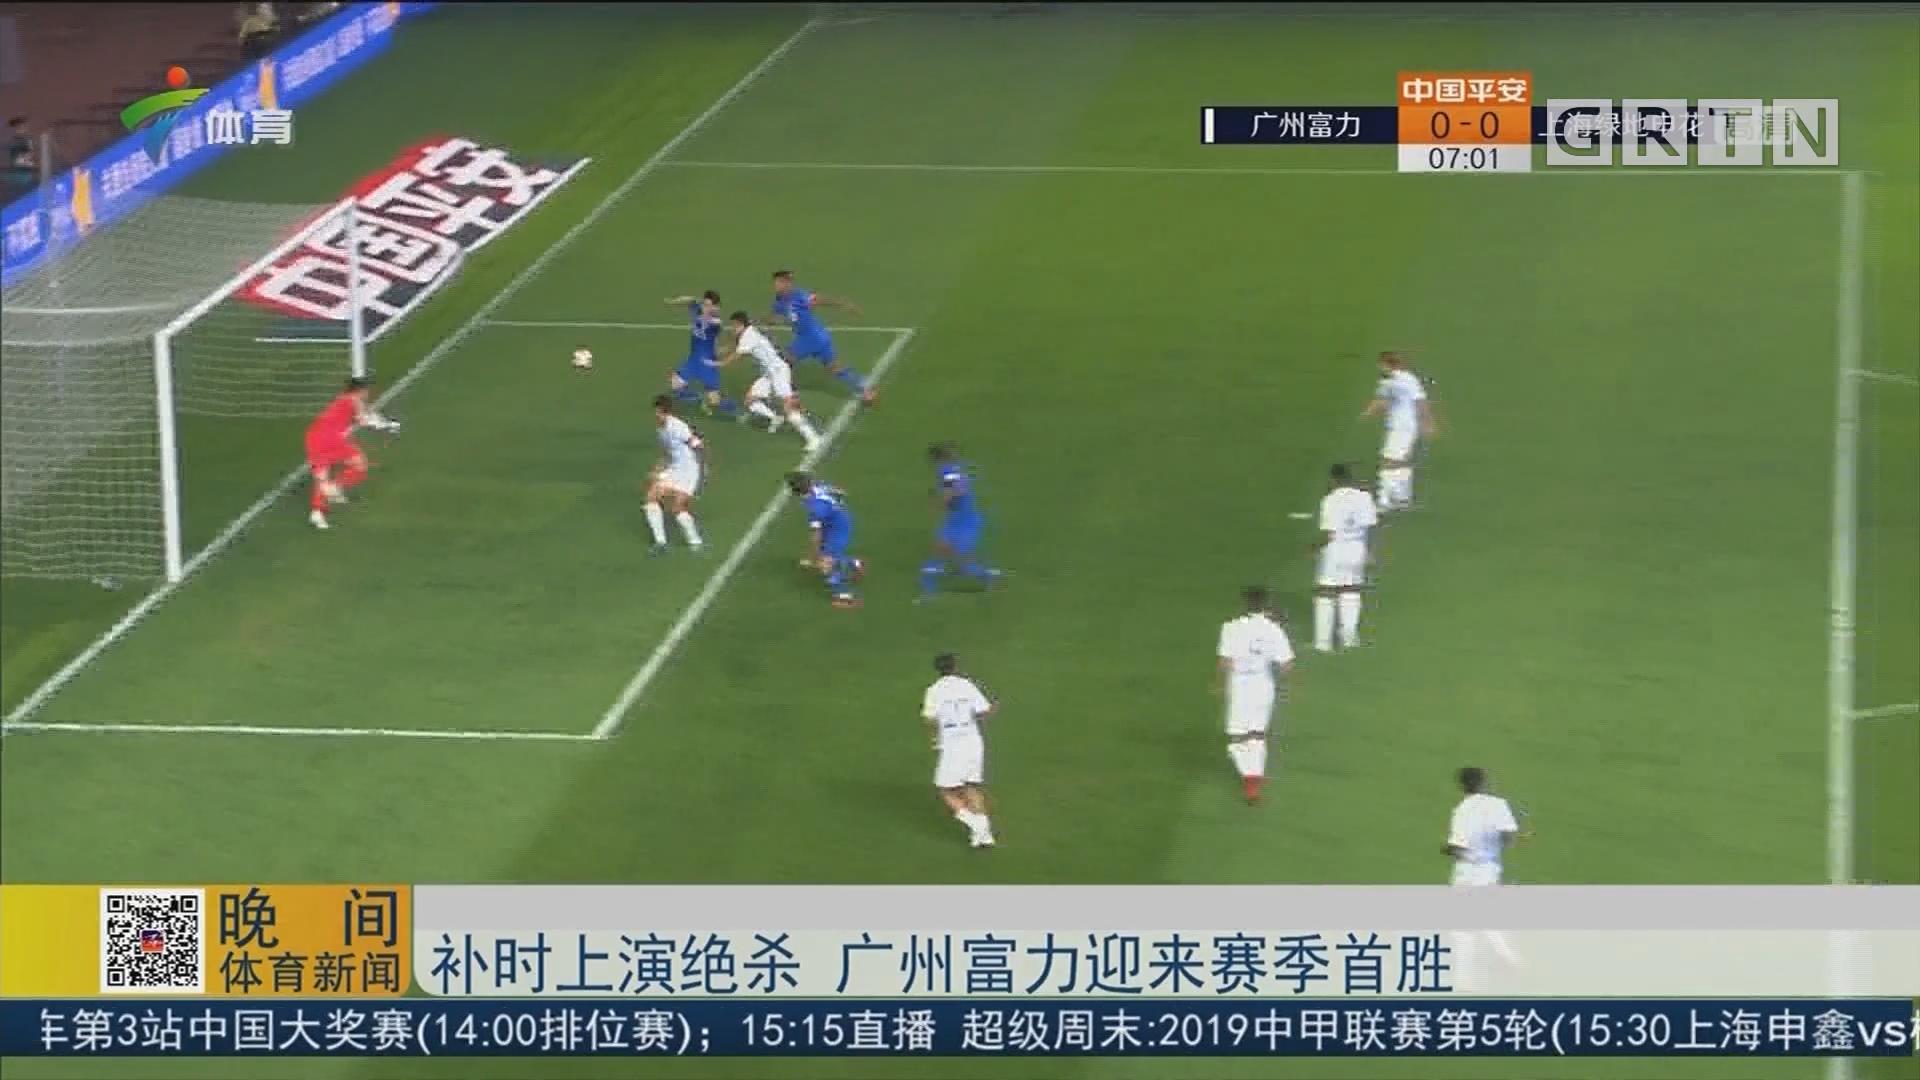 补时上演绝杀 广州富力迎来赛季首胜